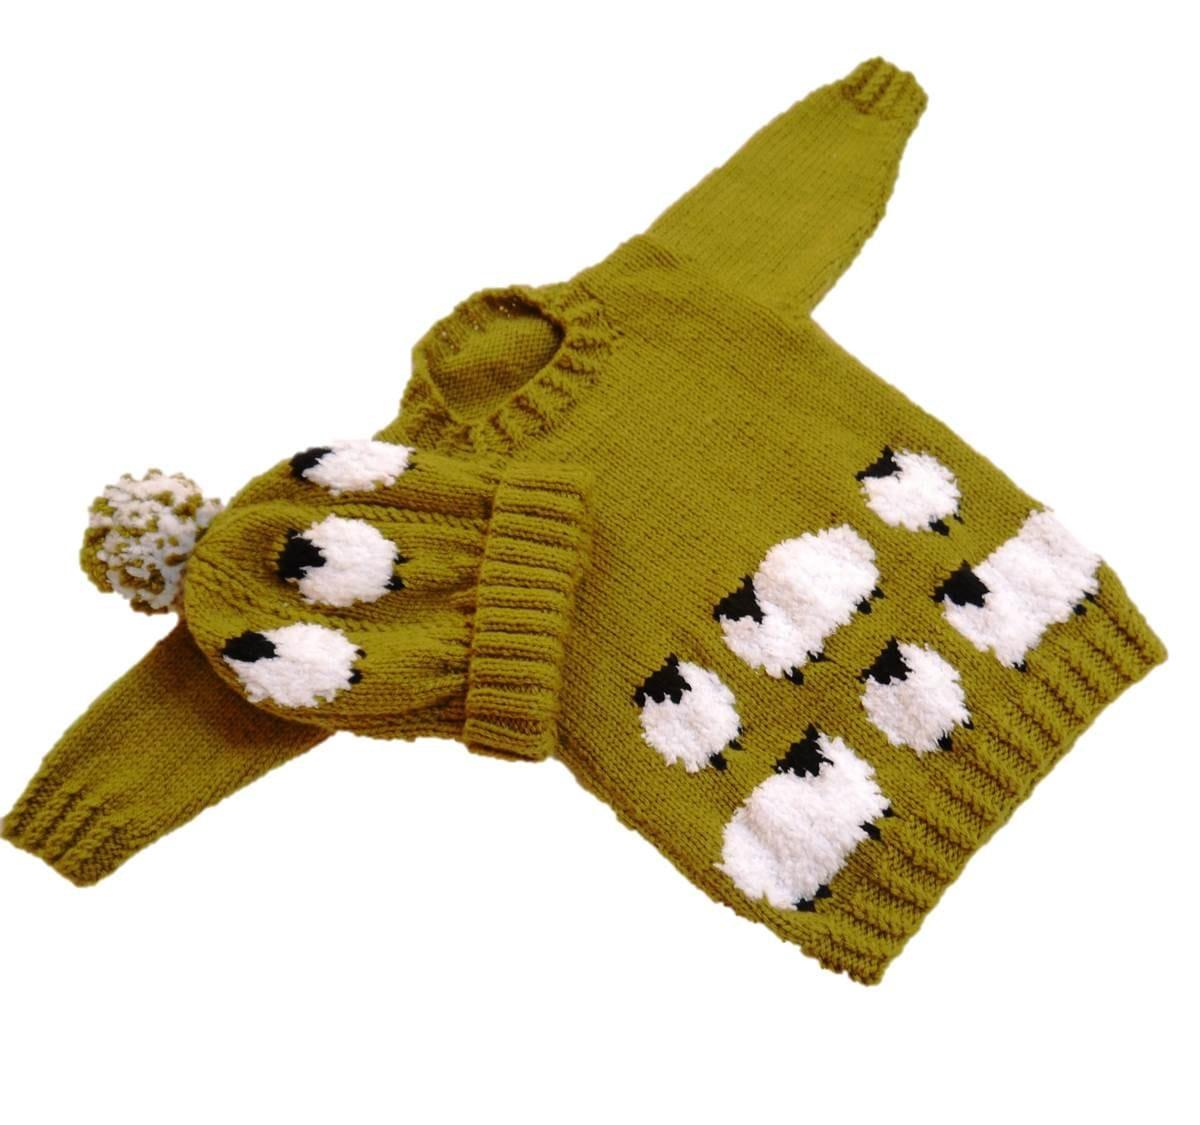 Sheep Child S Sweater And Hat Aran Knitting Pattern